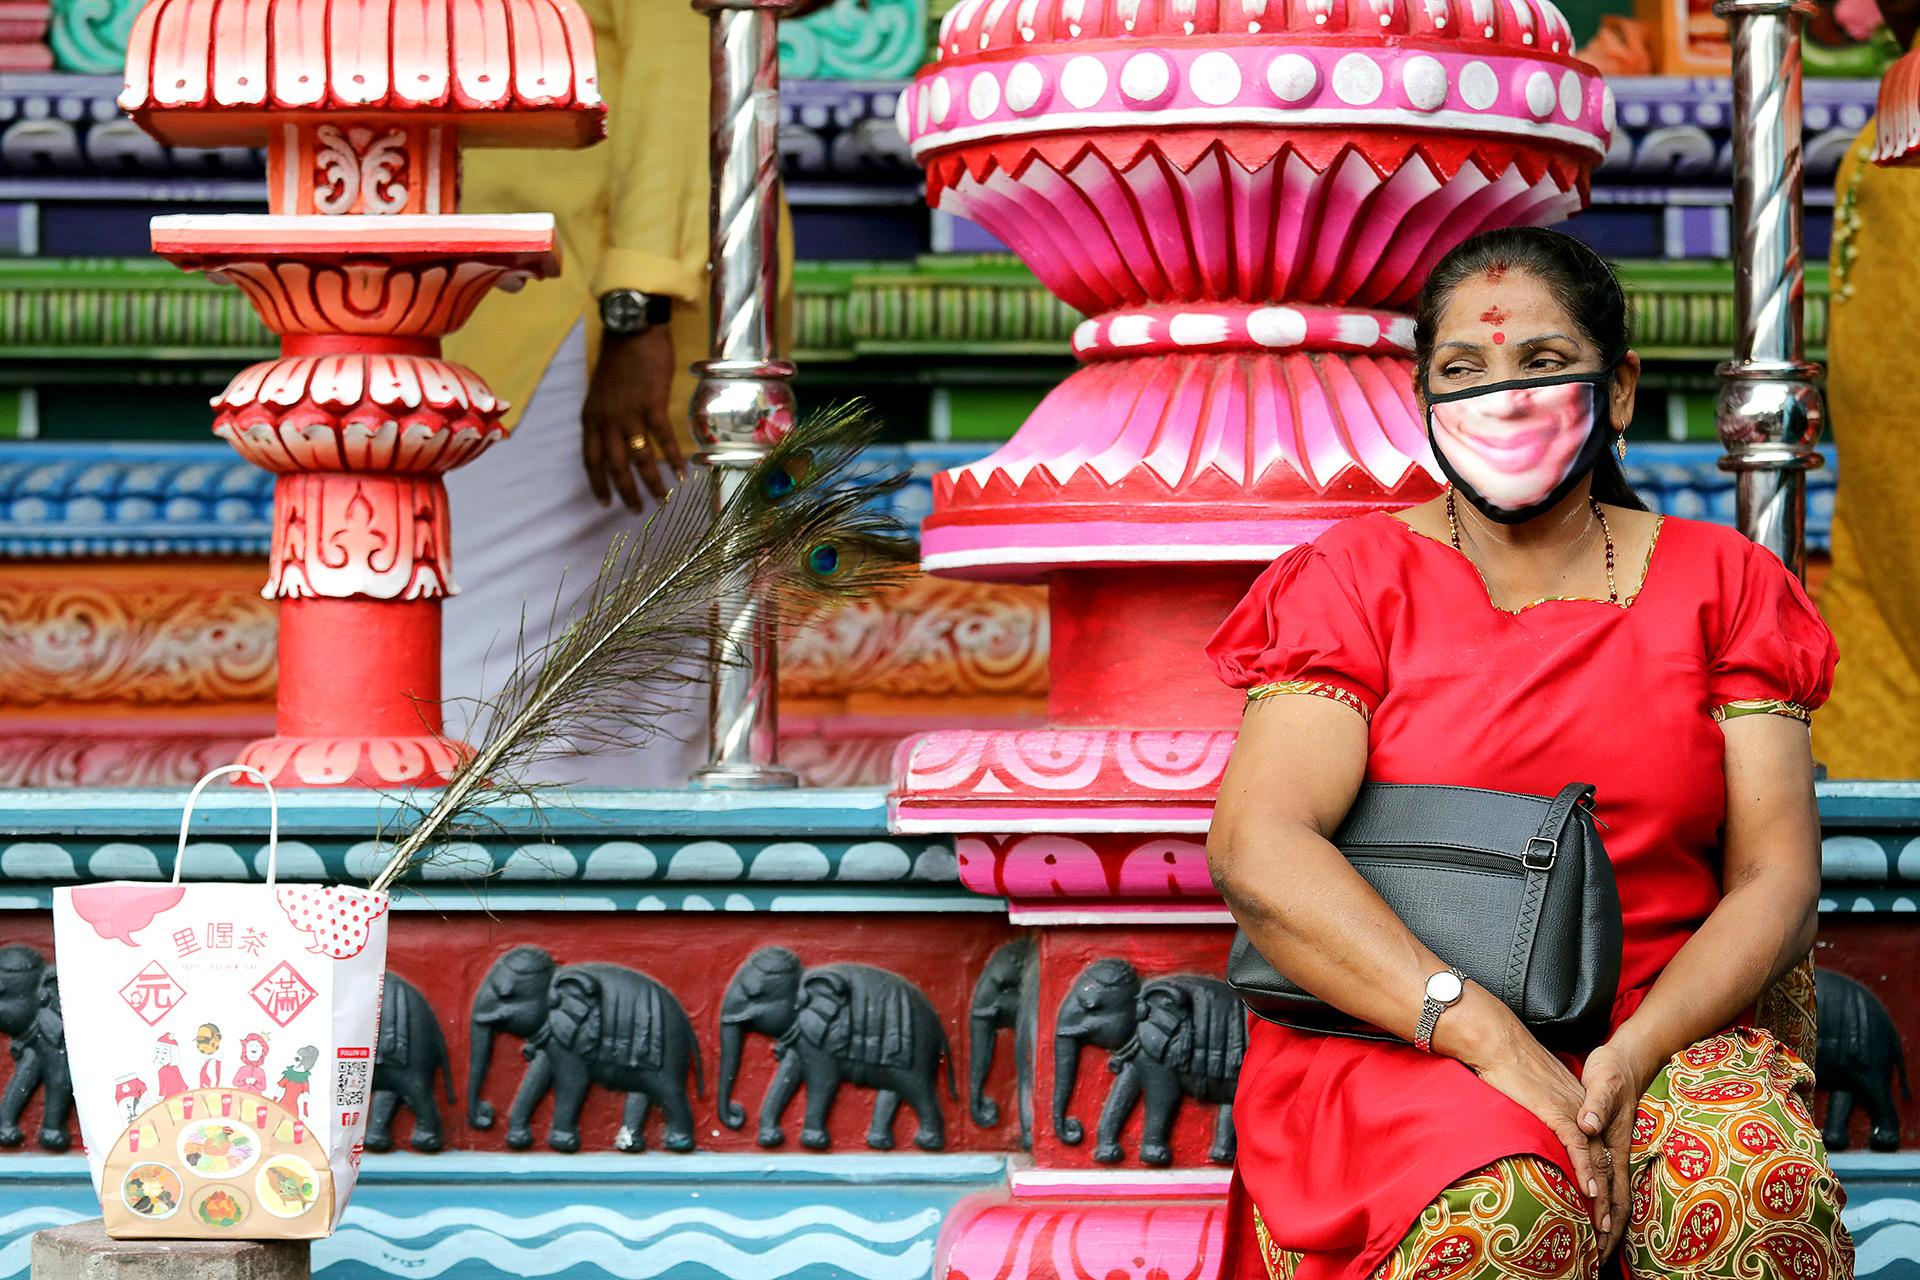 Una mujer devota hindú usa una máscara mientras descansa en un santuario en las Cuevas de Batu durante Thaipusam, en Kuala Lumpur, Malasia (REUTERS / Lim Huey Teng)